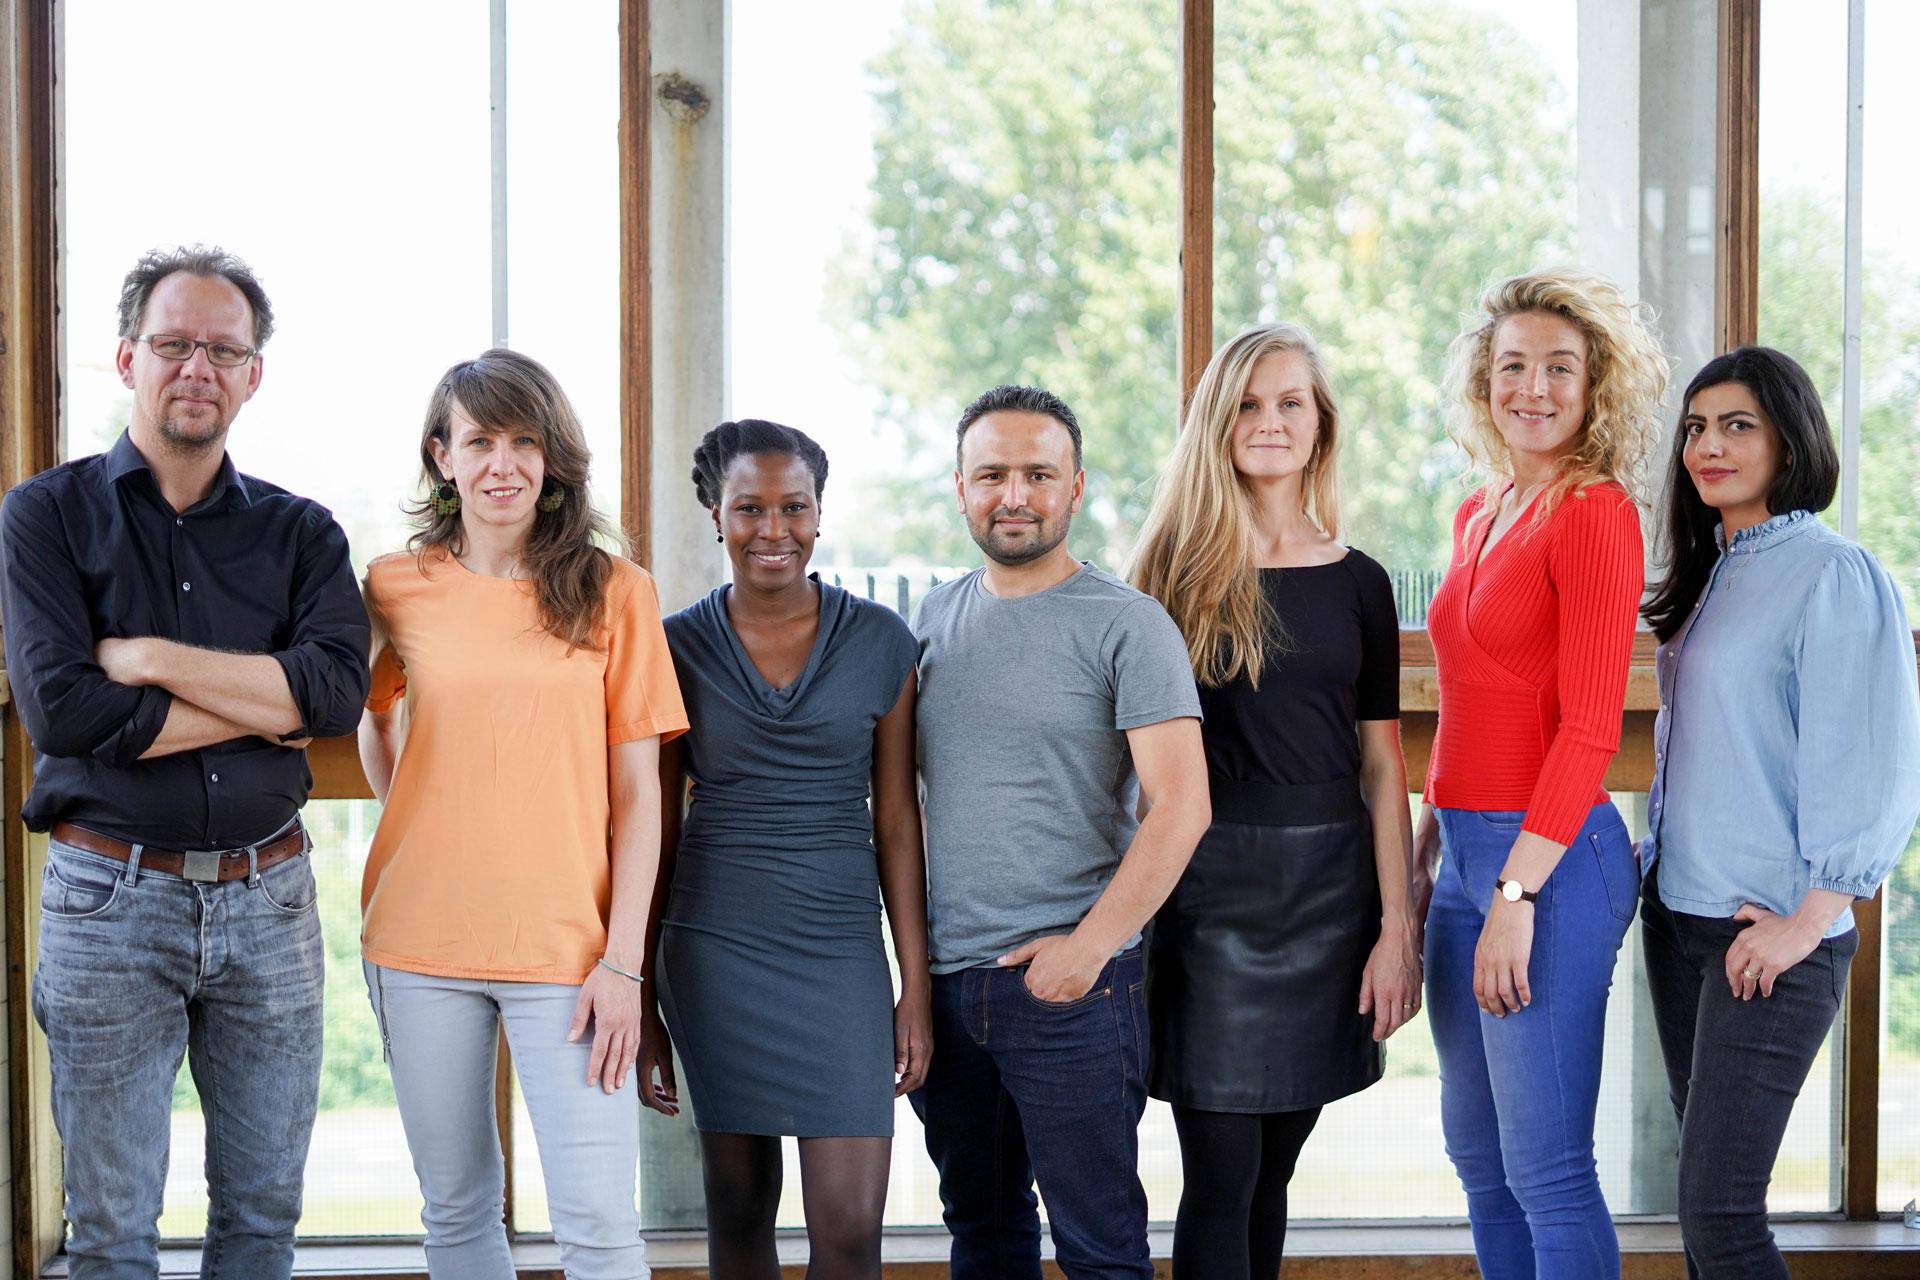 OpenEmbassy zorgt dat nieuwkomers zinnig, waardig en vlot hun weg kunnen vinden in Nederland.